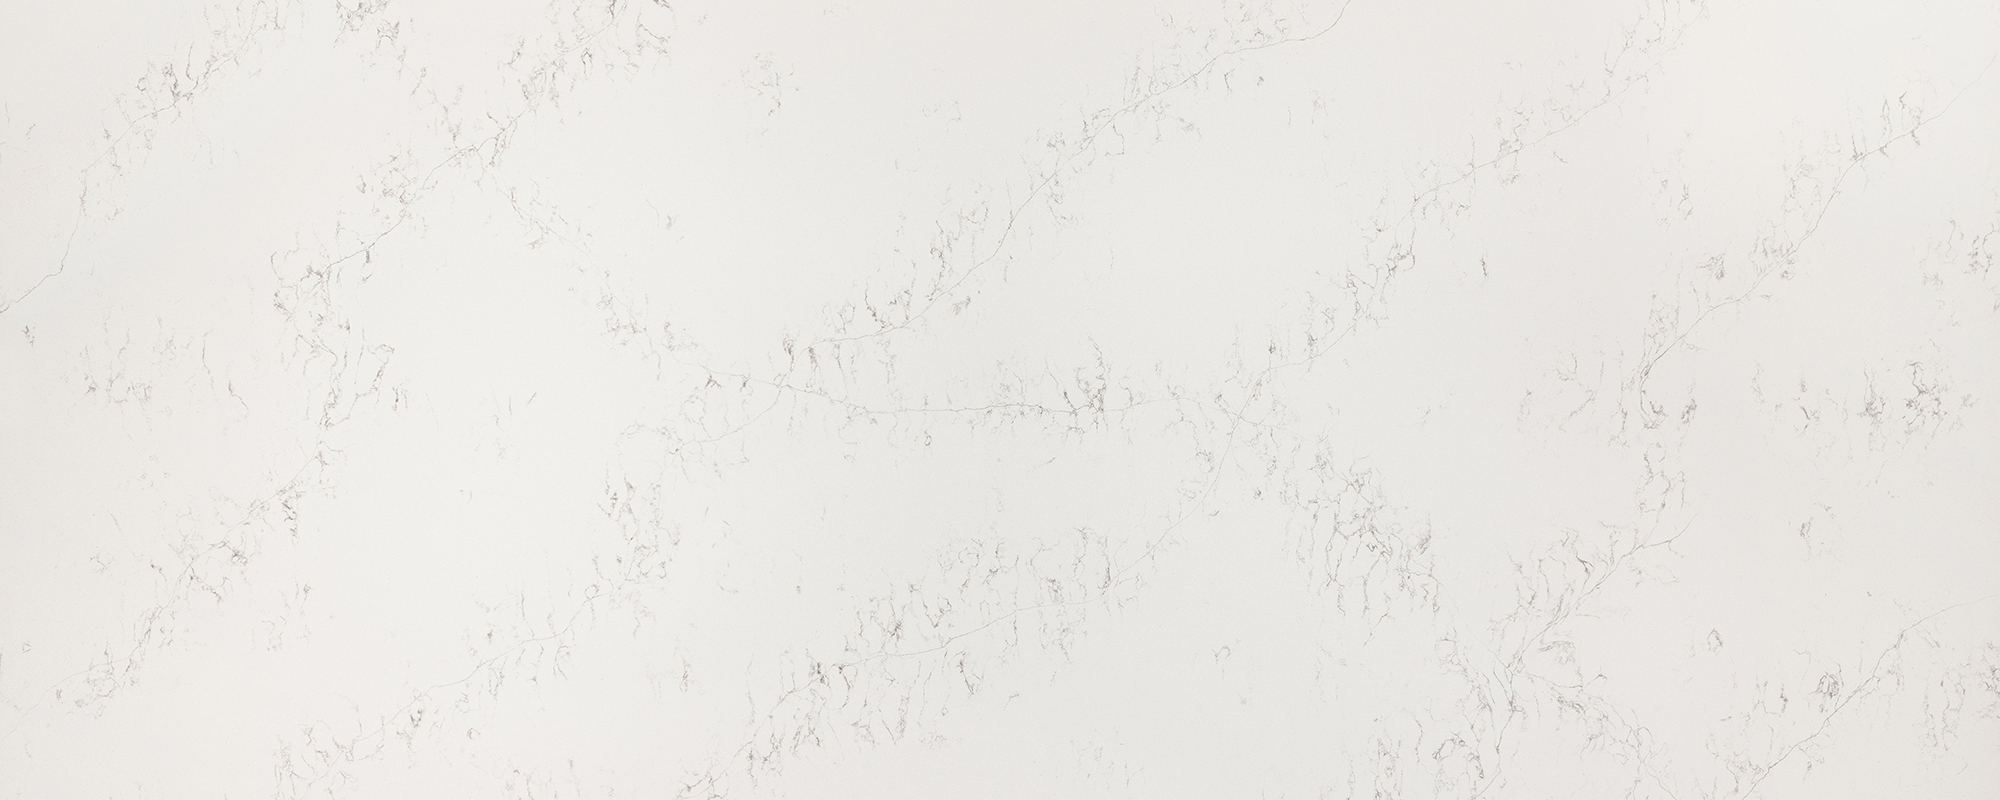 Unique Bianco Quartz Texture